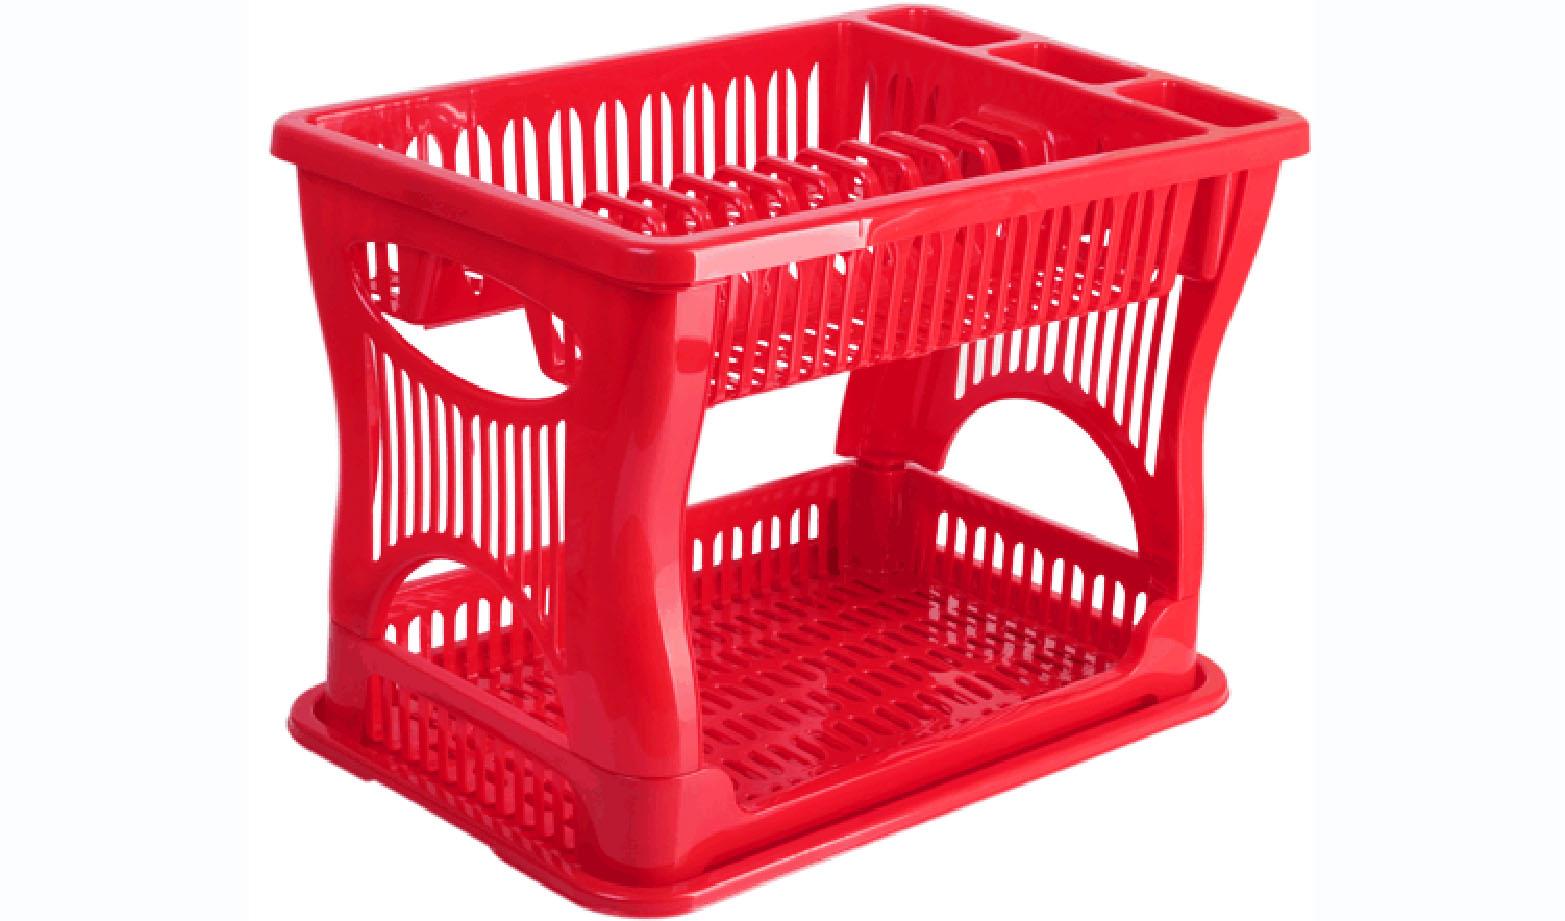 Сушилка для посуды Idea, 2-ярусная, цвет: красный, 42 х 27 х 30,5 смМ 1175Двухъярусная сушилка Idea выполнена из прочного пластика и оснащена поддоном. Изделие комплектуется двумя ярусами: верхний ярус - для тарелок и столовых приборов, нижний ярус - для кружек, мисок и других предметов. Благодаря своей функциональности, сушилка для посуды Idea займет достойное место на вашей кухне и будет очень полезна любой хозяйке. Стильный, современный и лаконичный дизайн сделает сушилку прекрасным дополнением интерьера вашей кухни. Сушилку для посуды можете установить в любом удобном месте. Компактные размеры и оригинальный дизайн выделяют сушилку из ряда подобных.Общий размер сушилки: 42 х 27 х 30,5 см.